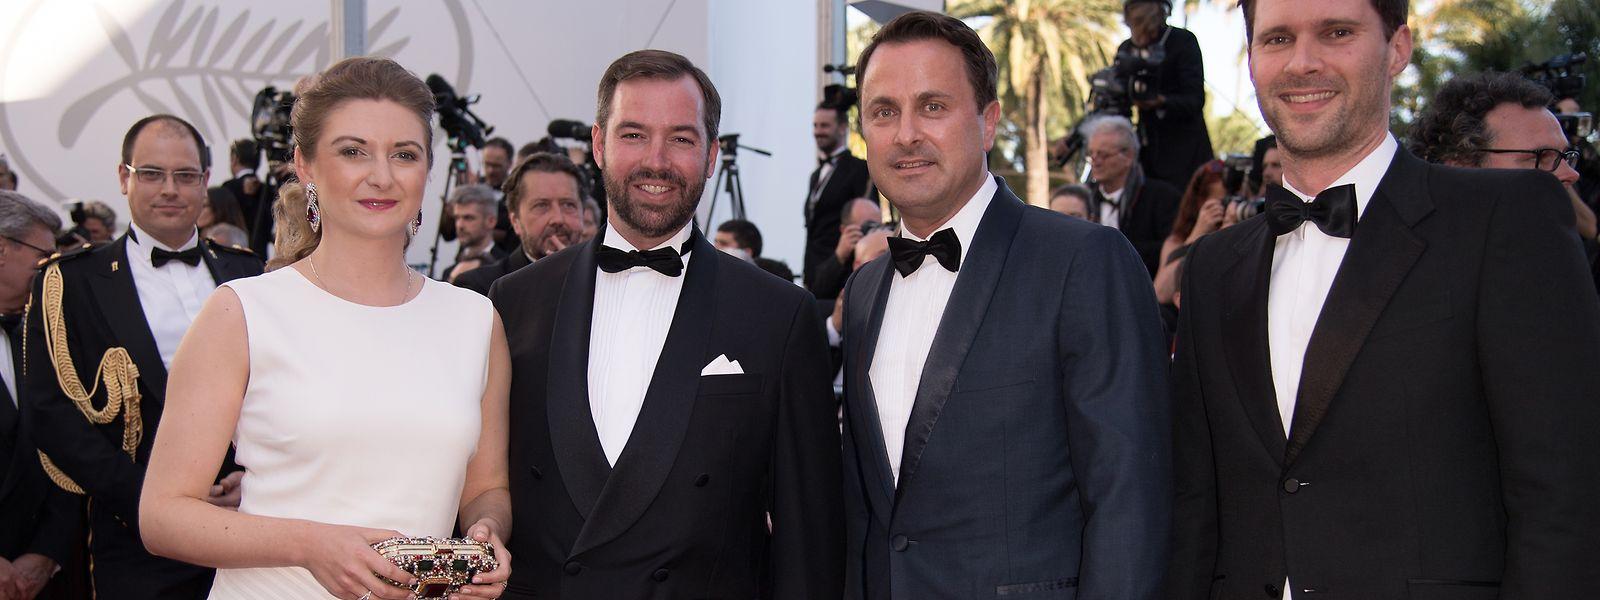 Premierengäste: Prinzessin Stephanie, Erbgroßherzog Guillaume, Premier Xavier Bettel und sein Ehemann Gauthier Destenay.